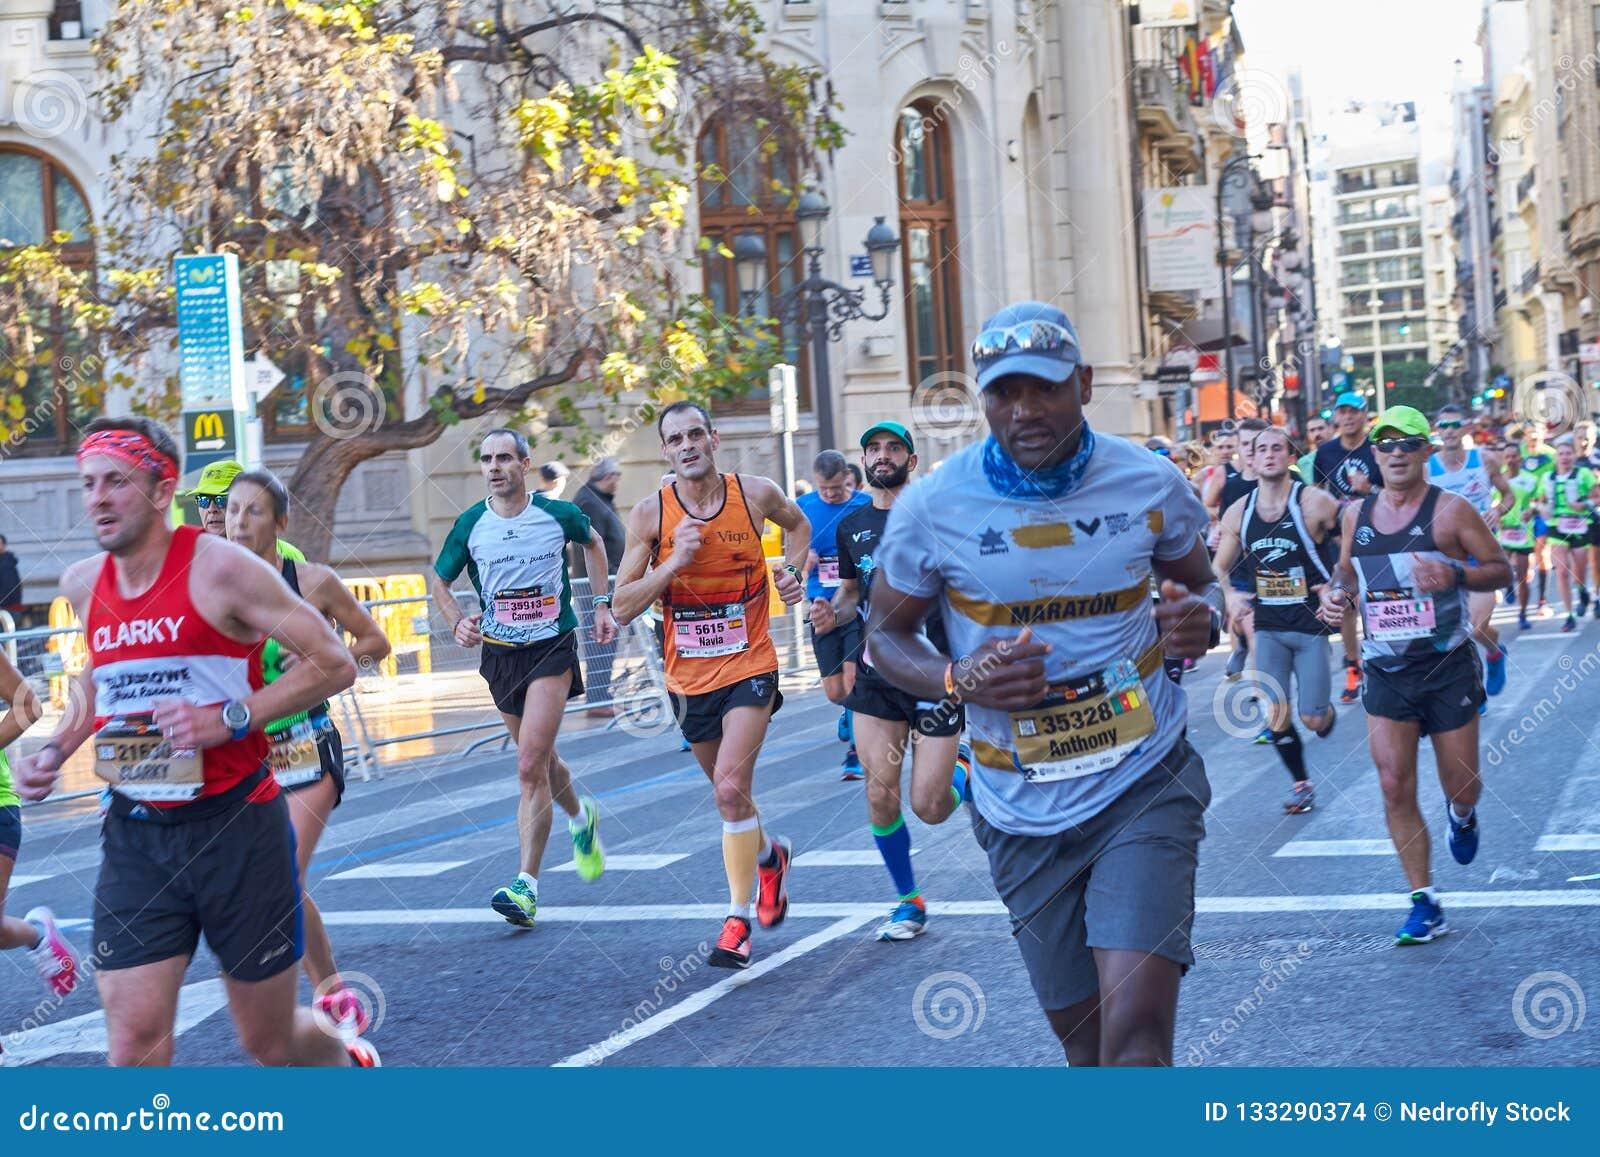 VALENCIA, SPANIEN - 2. DEZEMBER: Läufer konkurrieren in dem XXXVIII Valencia Marathon am 18. Dezember 2018 in Valencia, Spanien